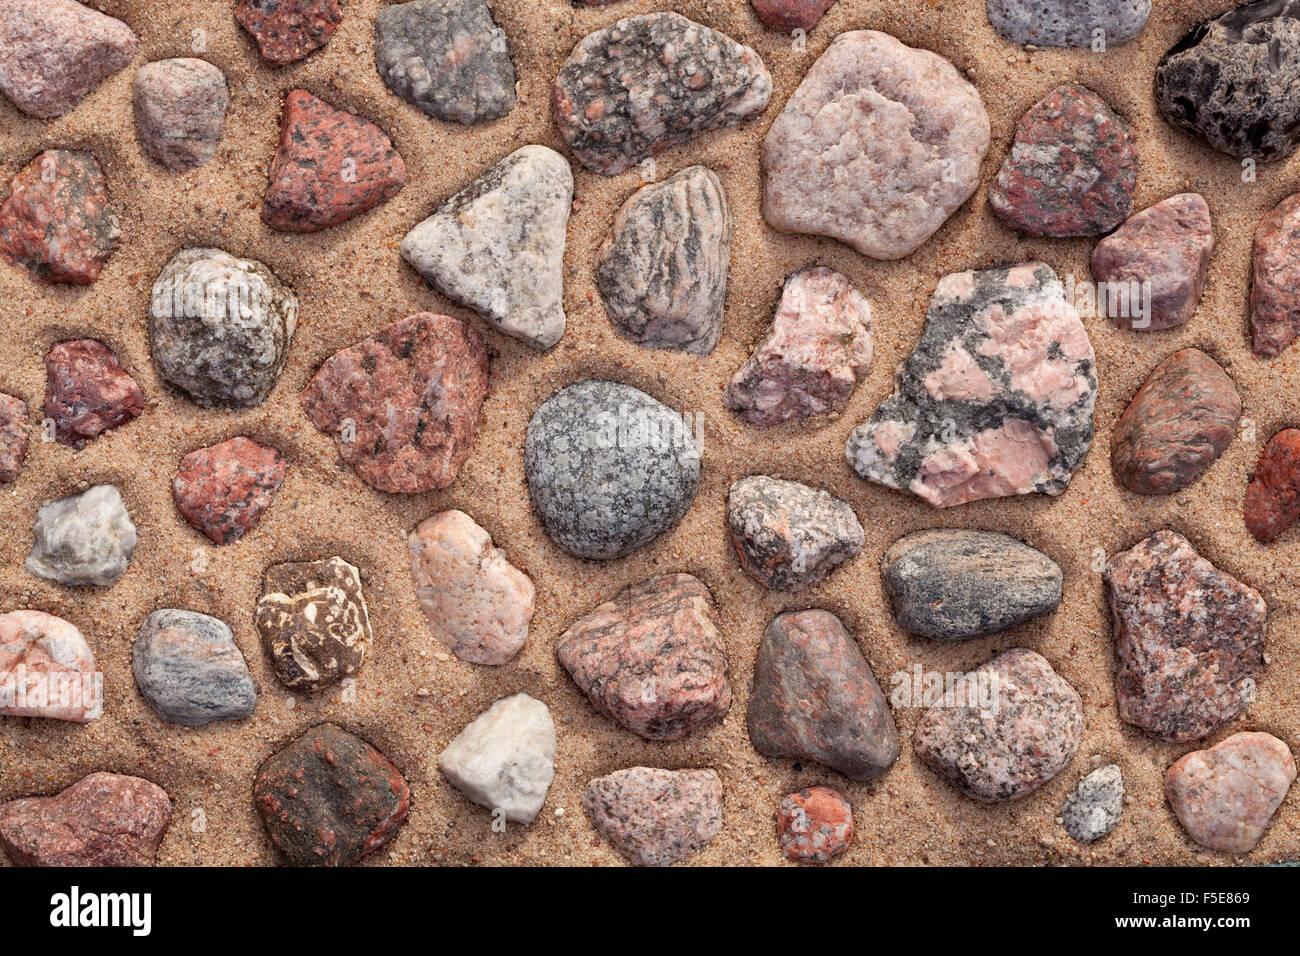 Seque piedras coloradas dispuestas sobre la arena como fondo Imagen De Stock